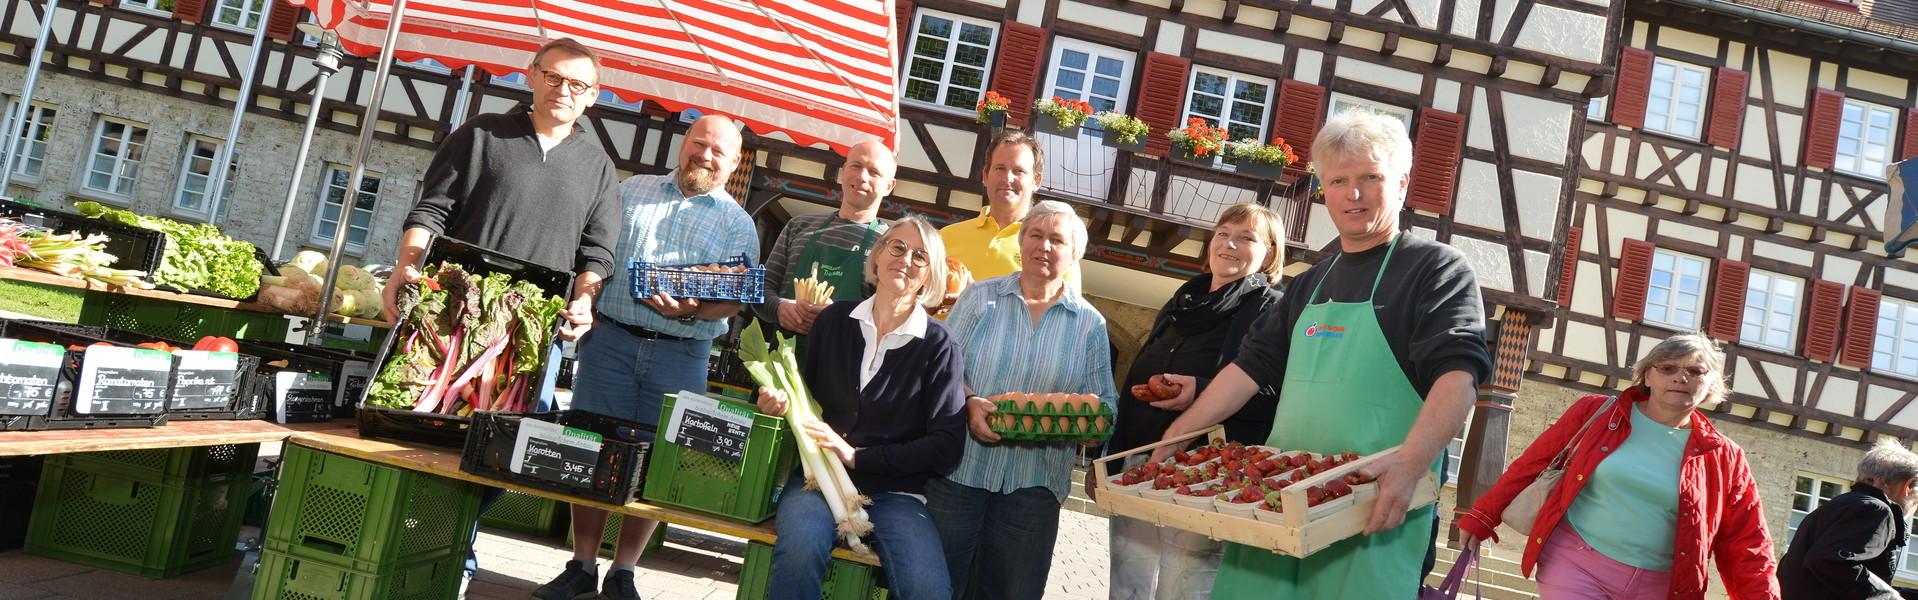 Eine Gruppe von Personen, die Lebensmittel wie Gemüse, Eier oder Brot in der Hand halten stehen unter einem rot-weißen Sonnenschirm und lächeln in die Kamera. Im Hintergrund ist ein Fachwerkhaus. Ringsherum sind Tische und weitere Kisten mit Lebensmittel.